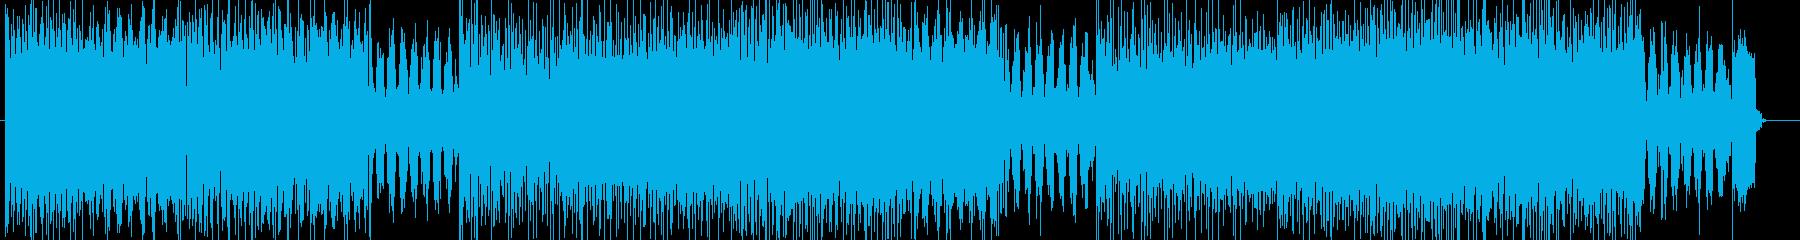 「HEAVY METAL」BGM115の再生済みの波形